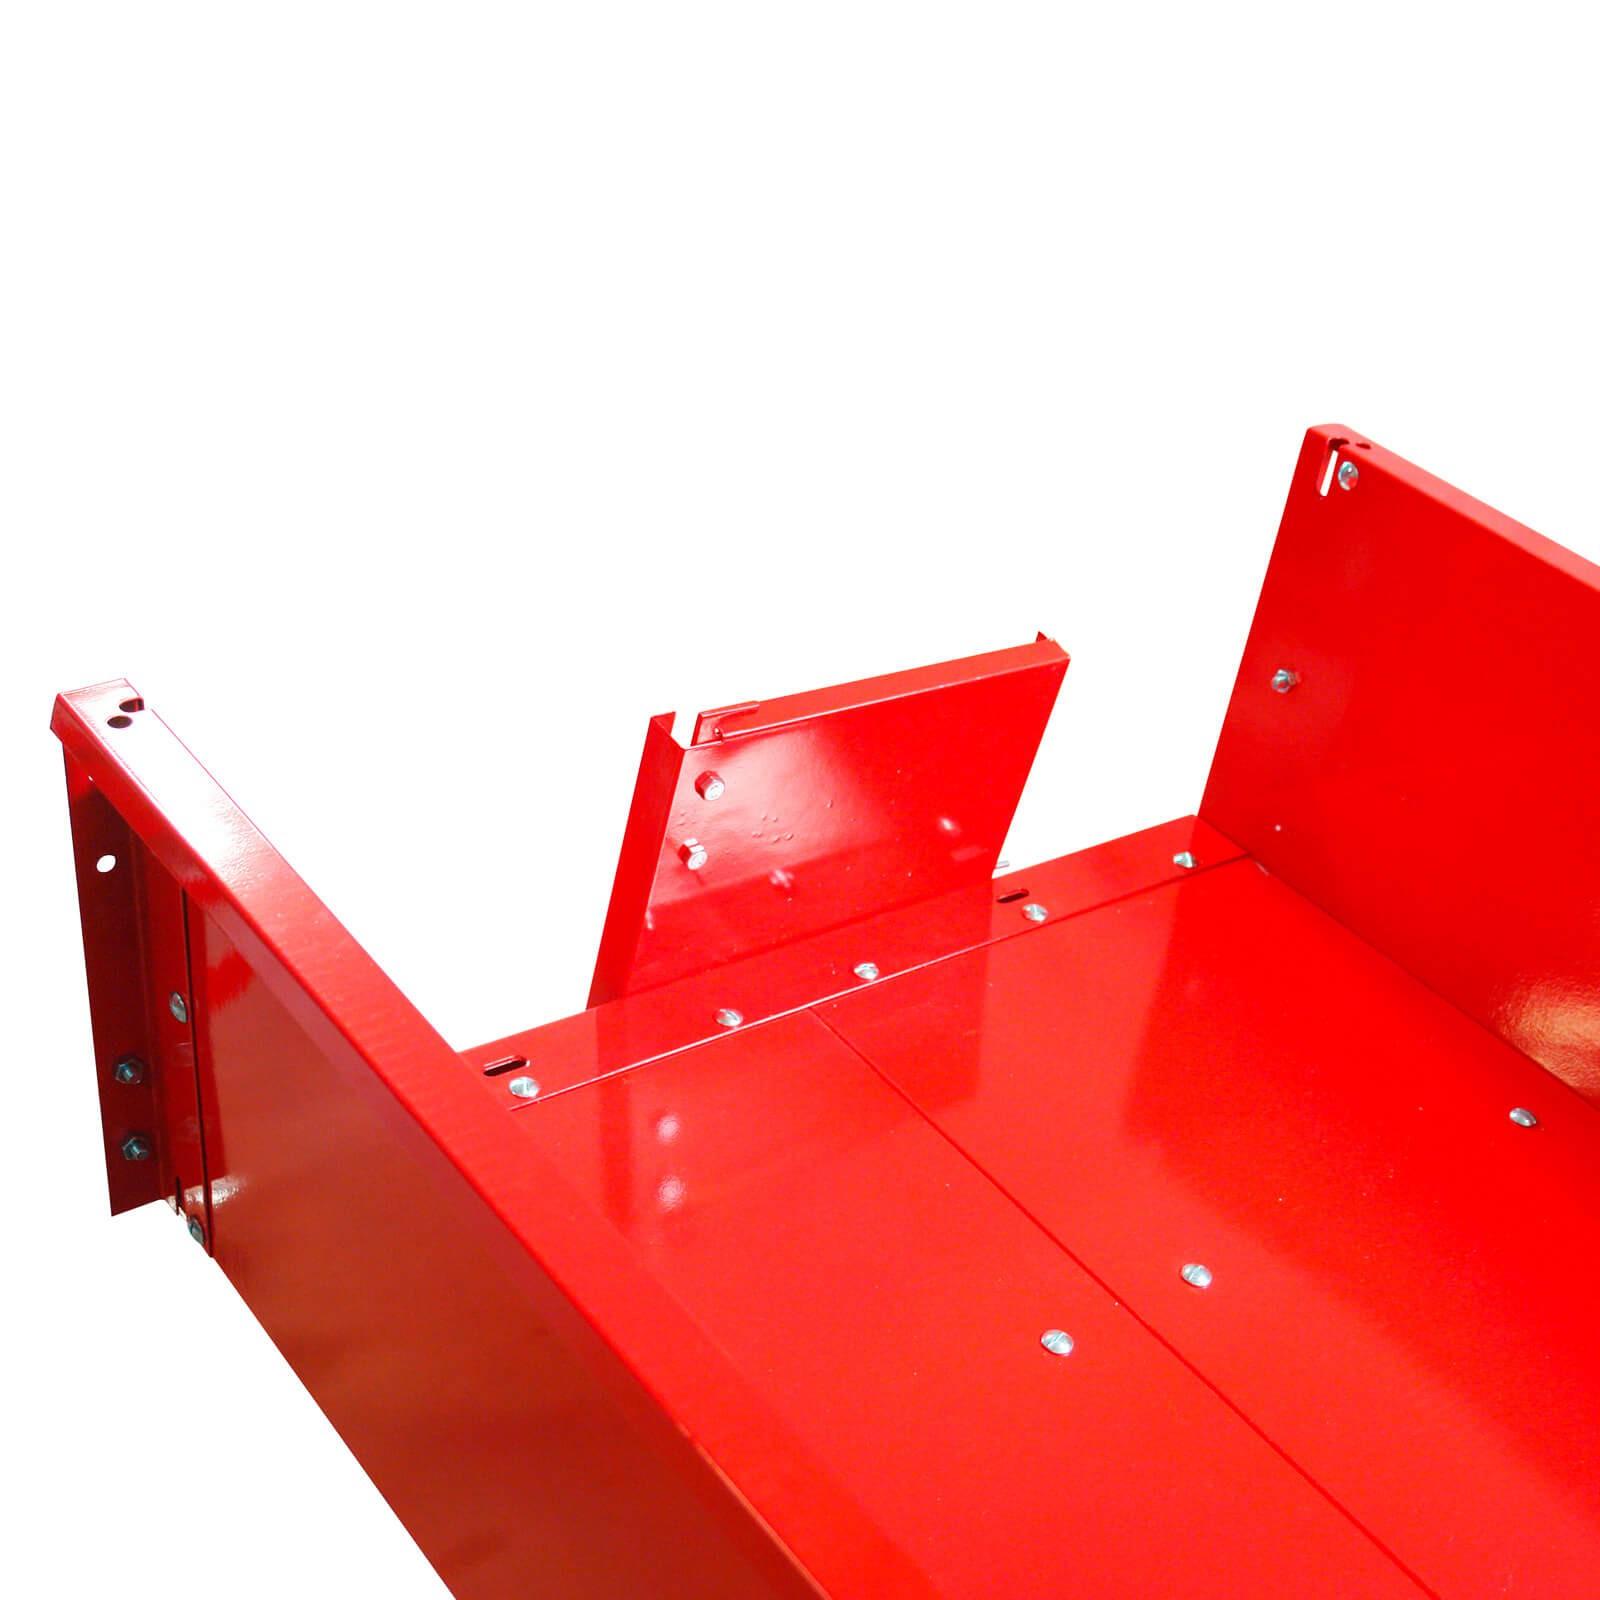 transportanh nger anh nger f r rasentraktor quad atv kippbar. Black Bedroom Furniture Sets. Home Design Ideas